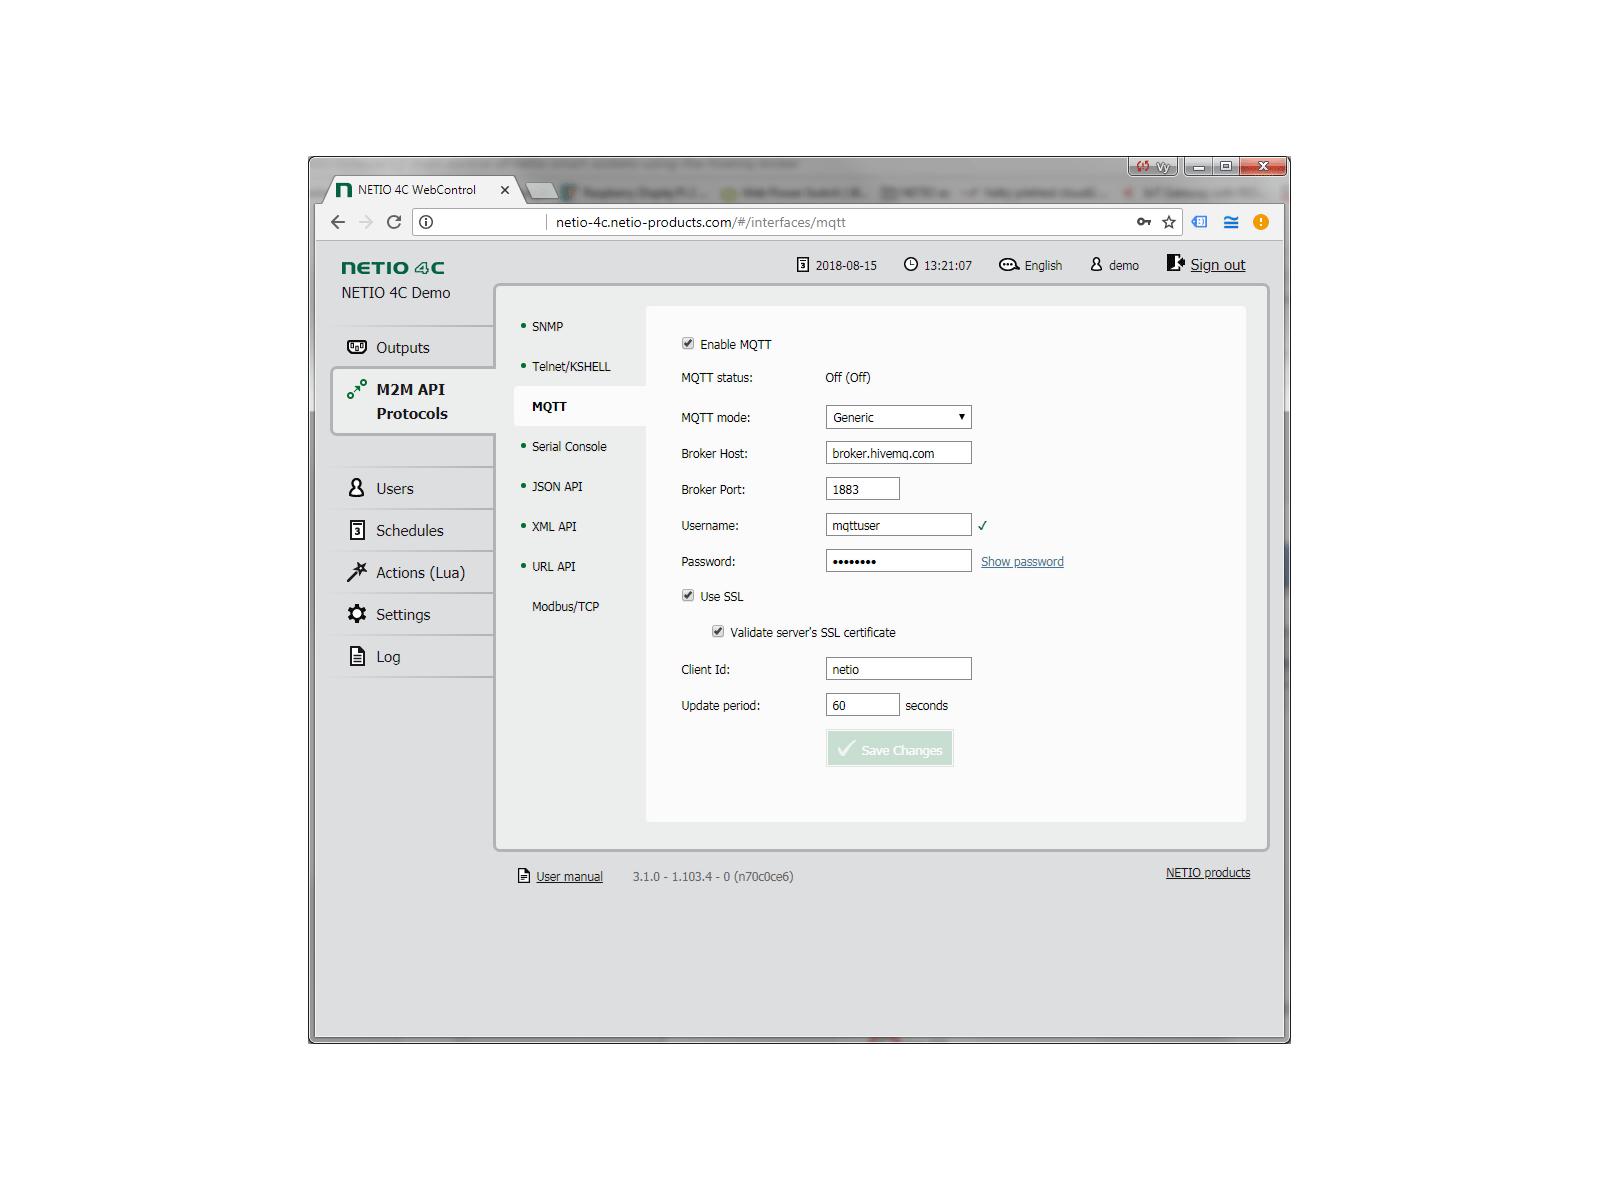 Nastavení protokolu MQTT na zařízení NETIO 4C. NETIO podporuje obecnou verzi MQTT nebo verzi pro MS Azure. S MQTT můžete zapnout / vypnout / short-off . Podrobnosti o protokolu si vyžádejte přes kontaktní formulář